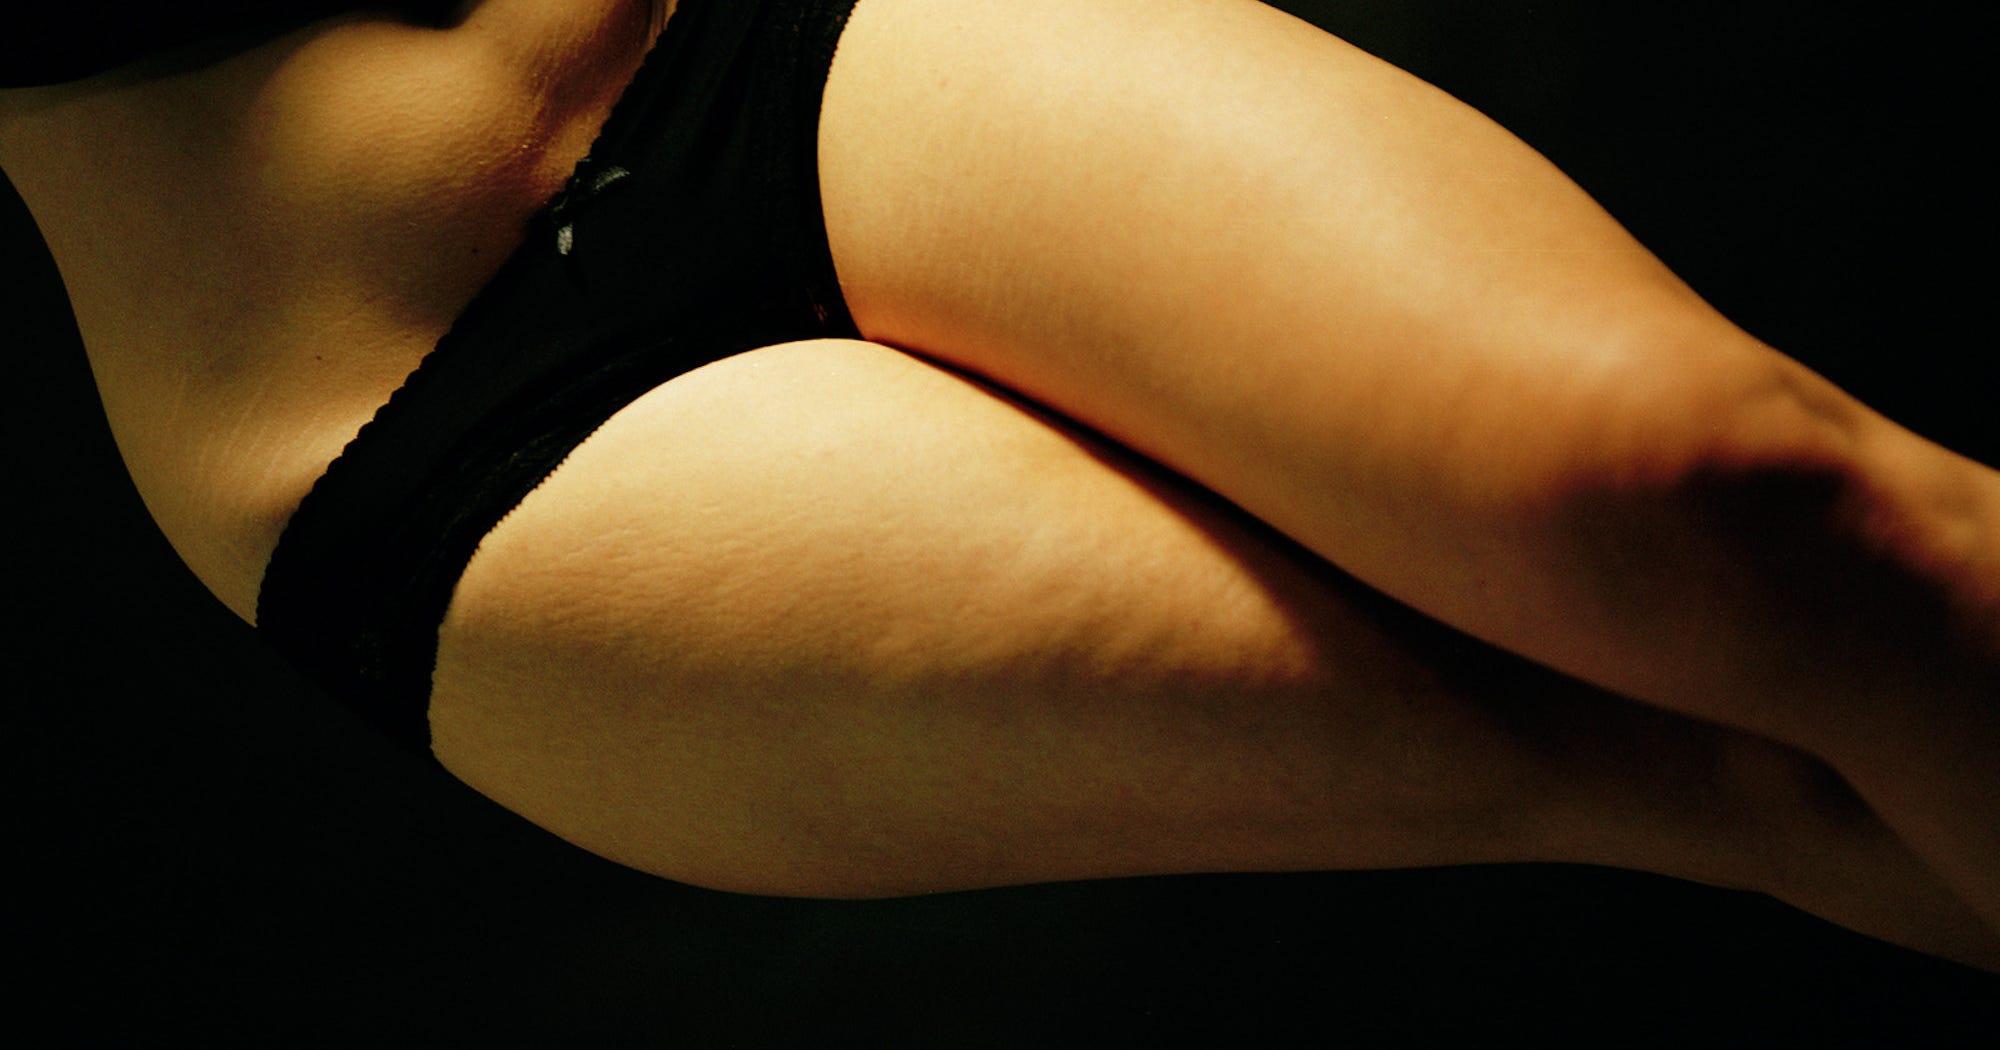 Bbw snuff porn